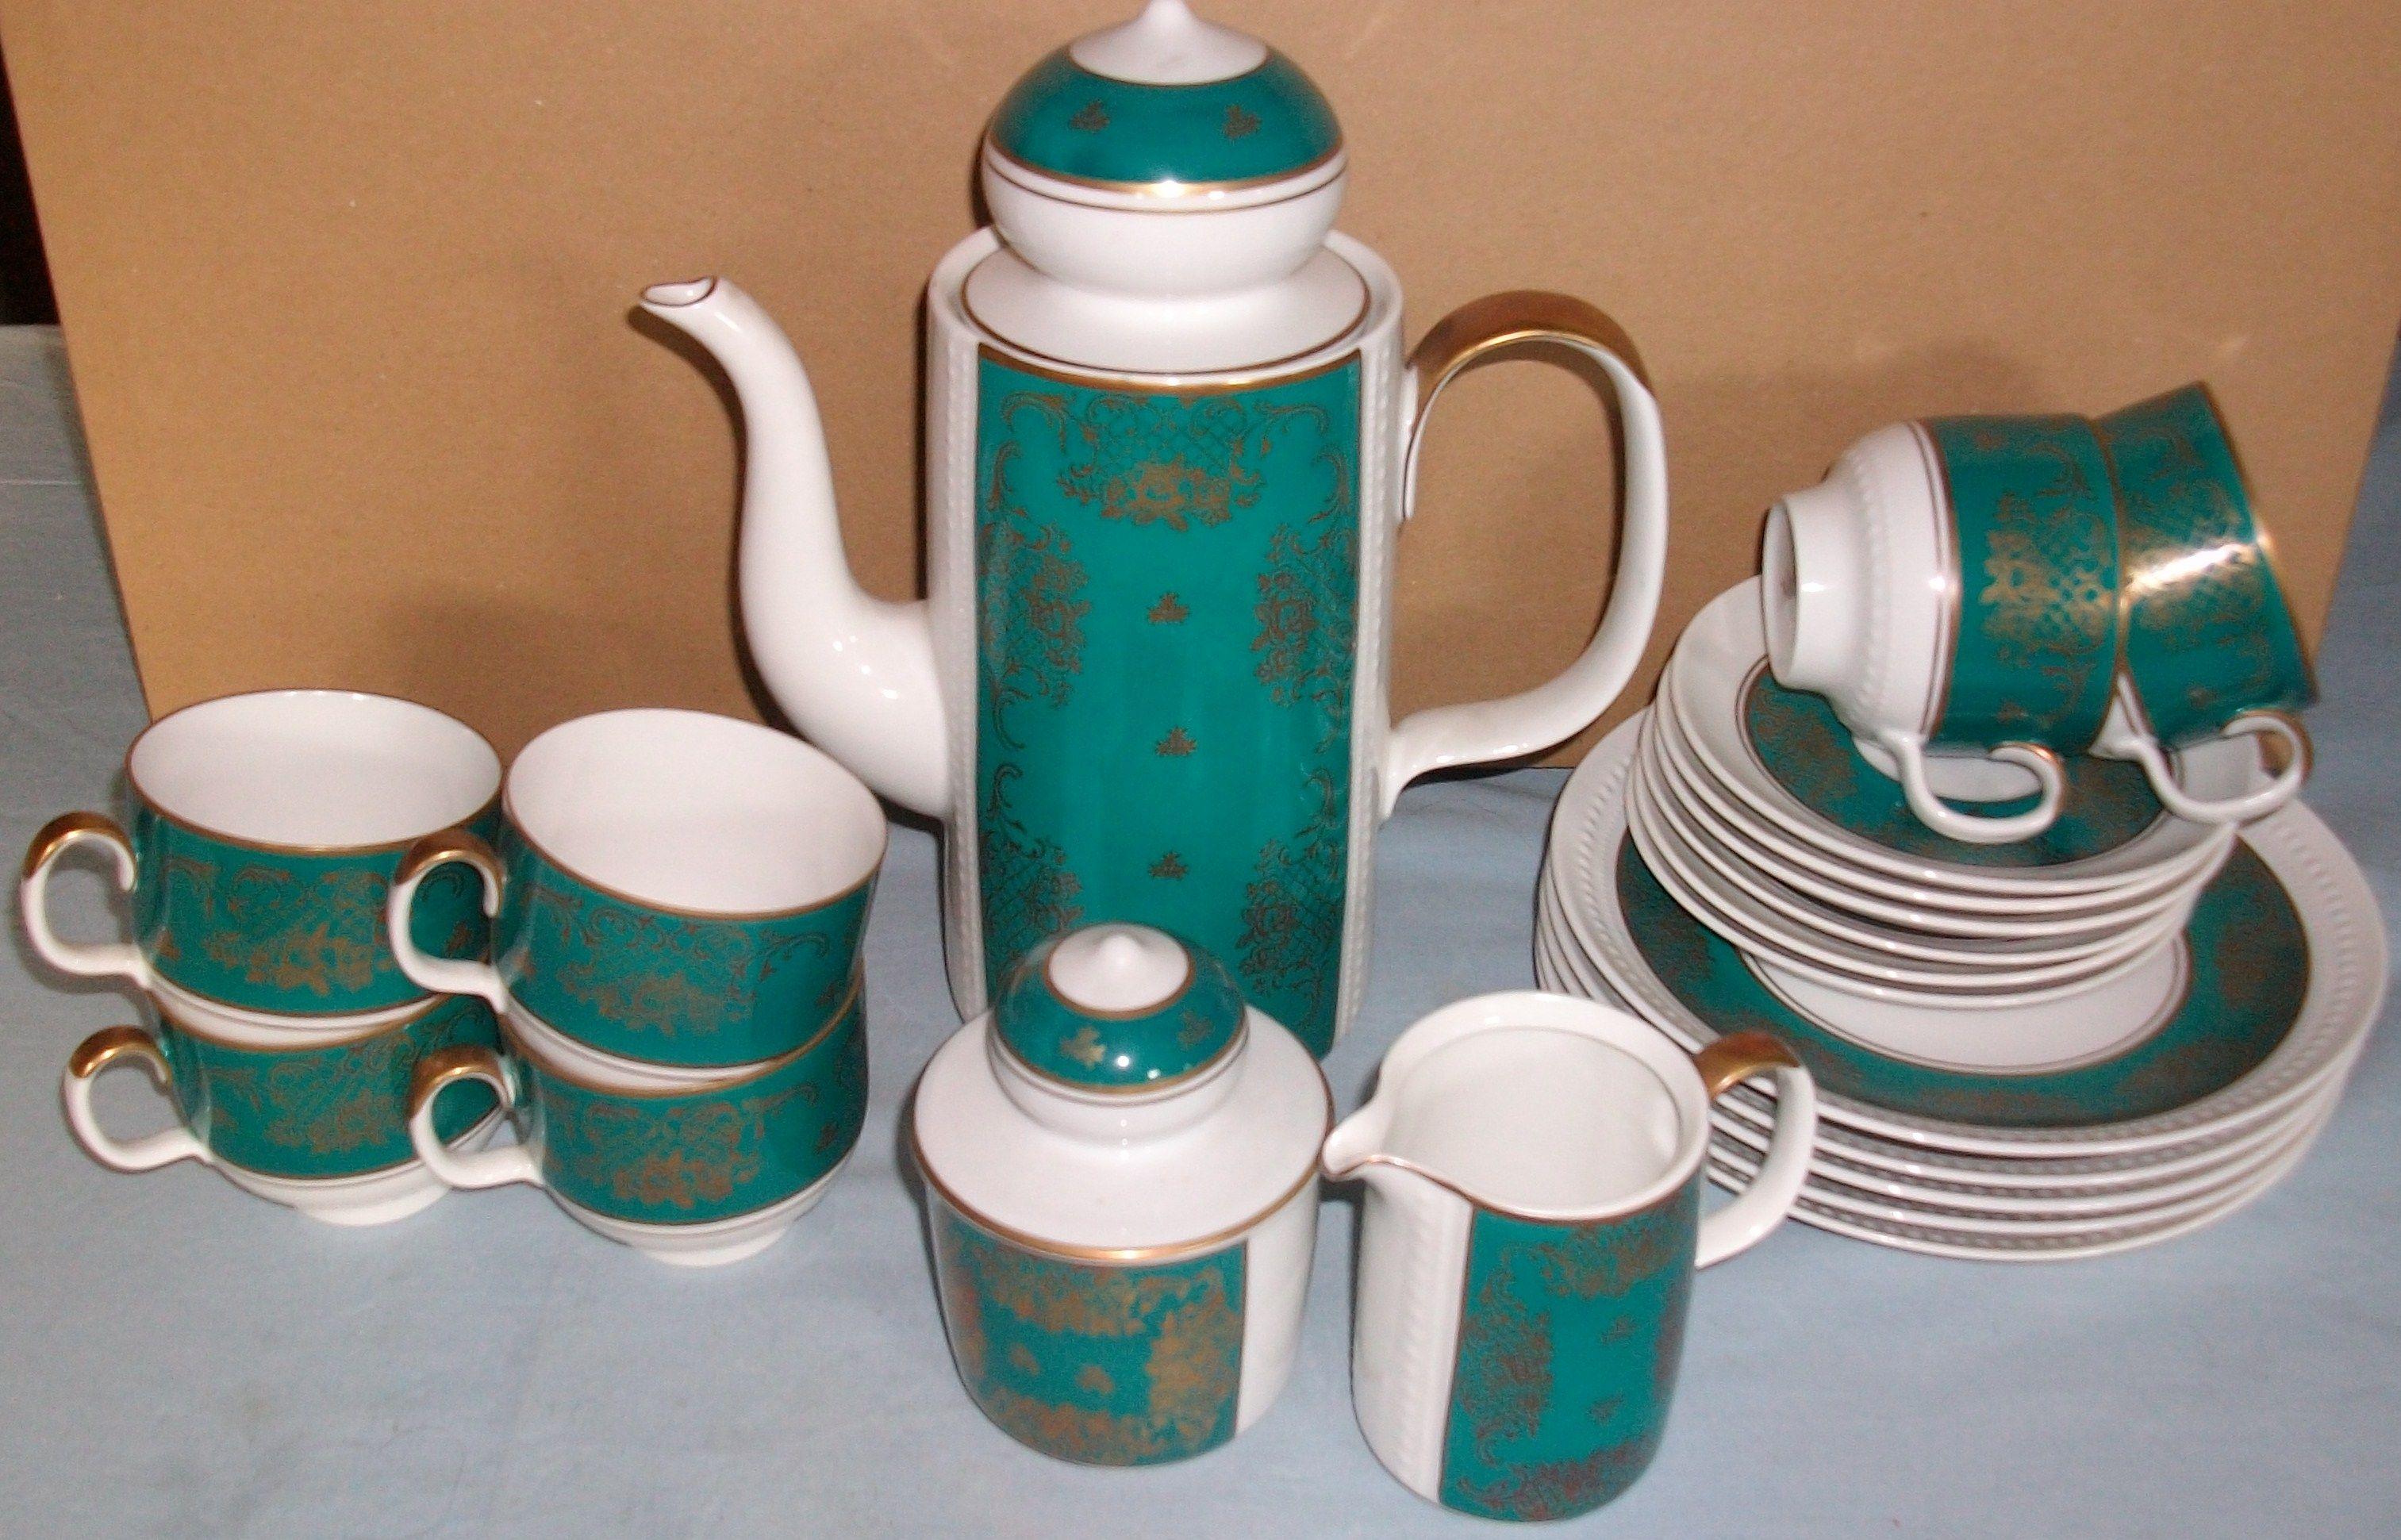 die besten 25 reichenbach porzellan ideen auf pinterest keramik geschirr set farbig und. Black Bedroom Furniture Sets. Home Design Ideas